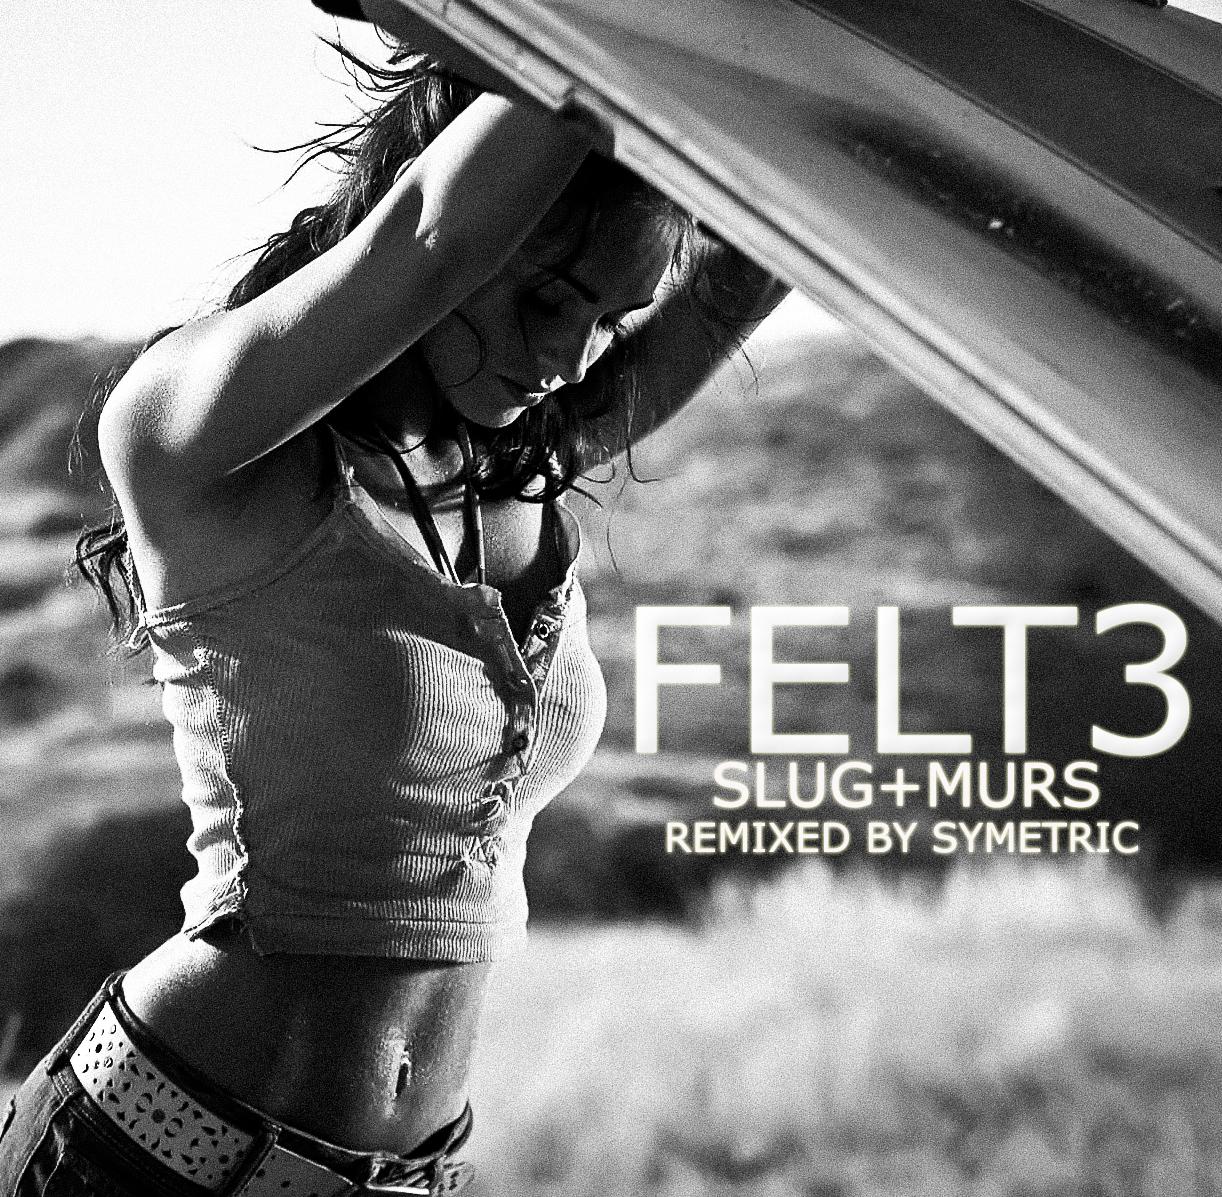 [Album Remix] Slug and Murs - Felt 3 (Remixed by Symetric) MEGAN_copier